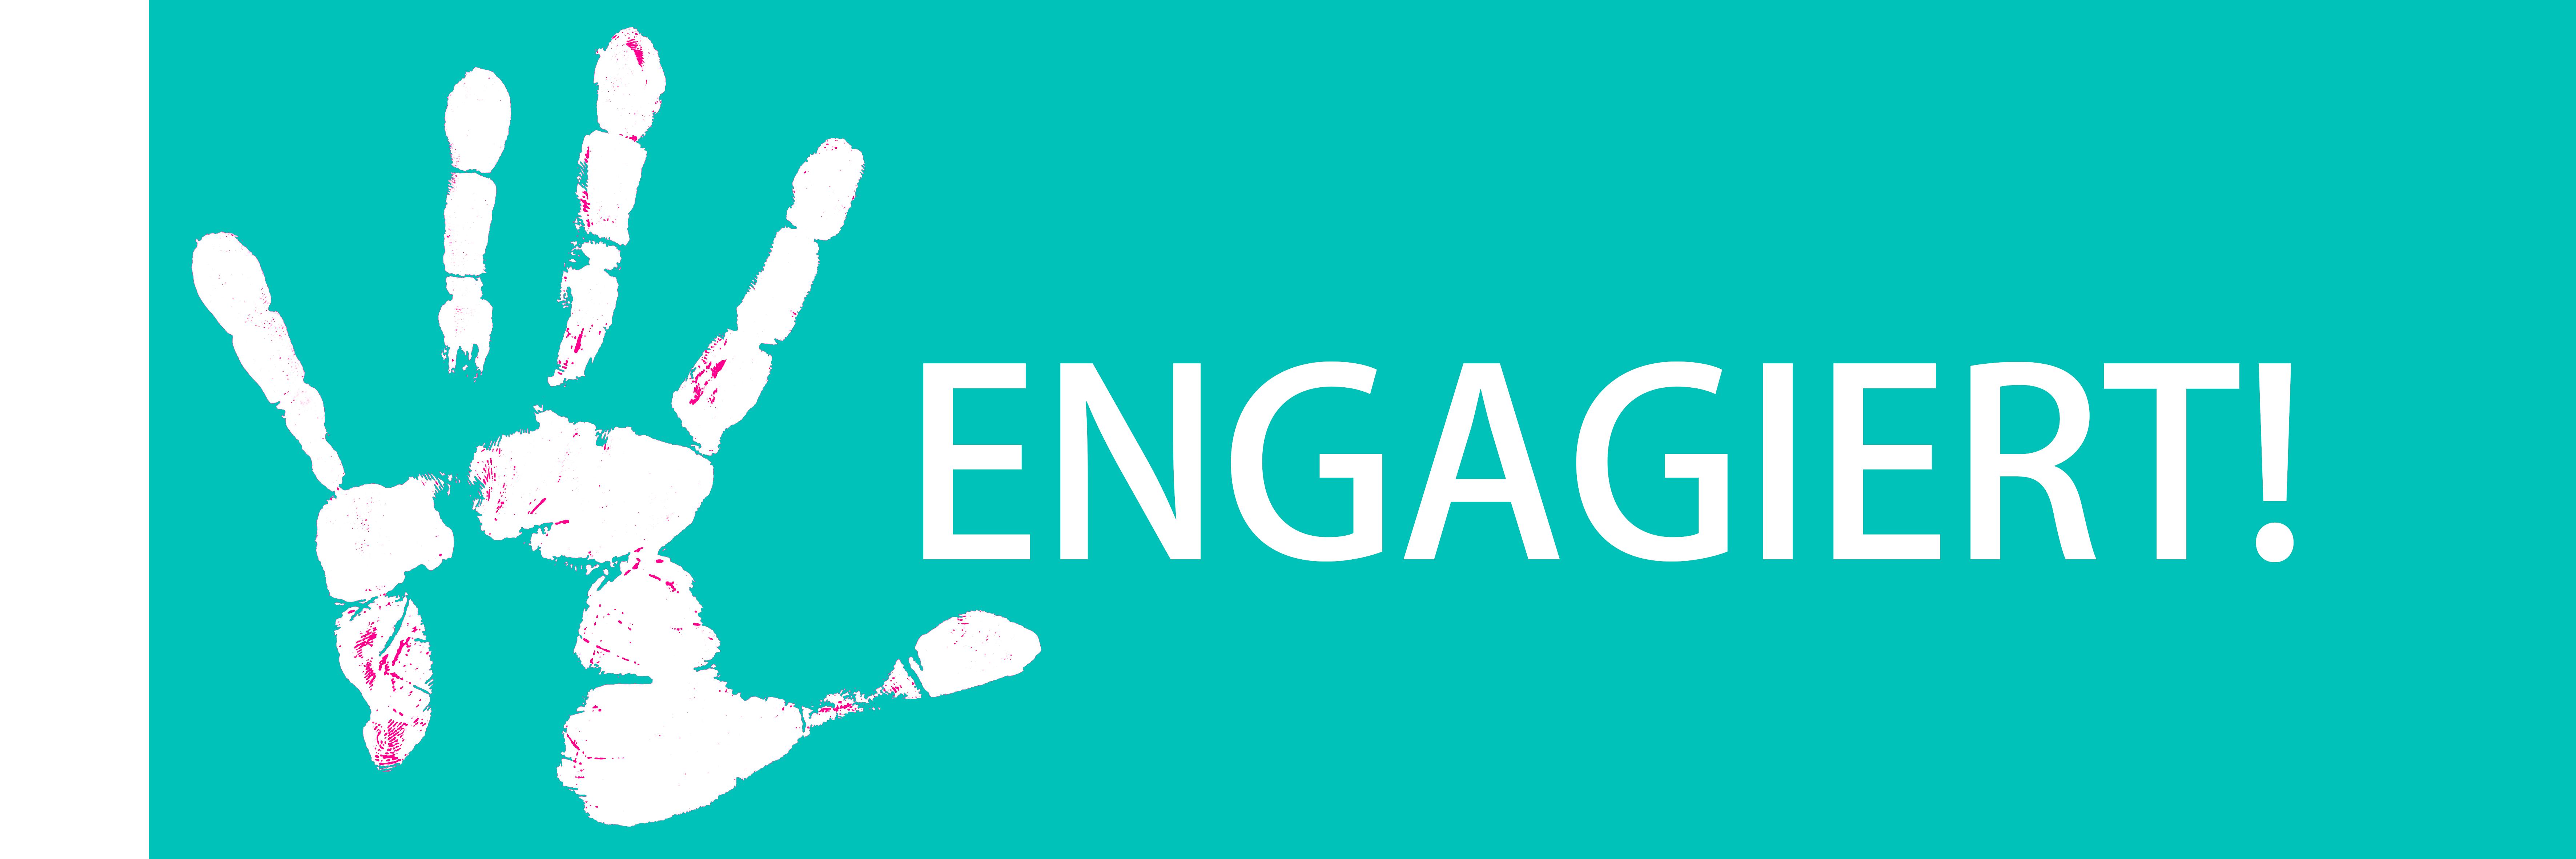 """""""Engagiert!"""" - Studierende stellen ihre Projekte vor"""